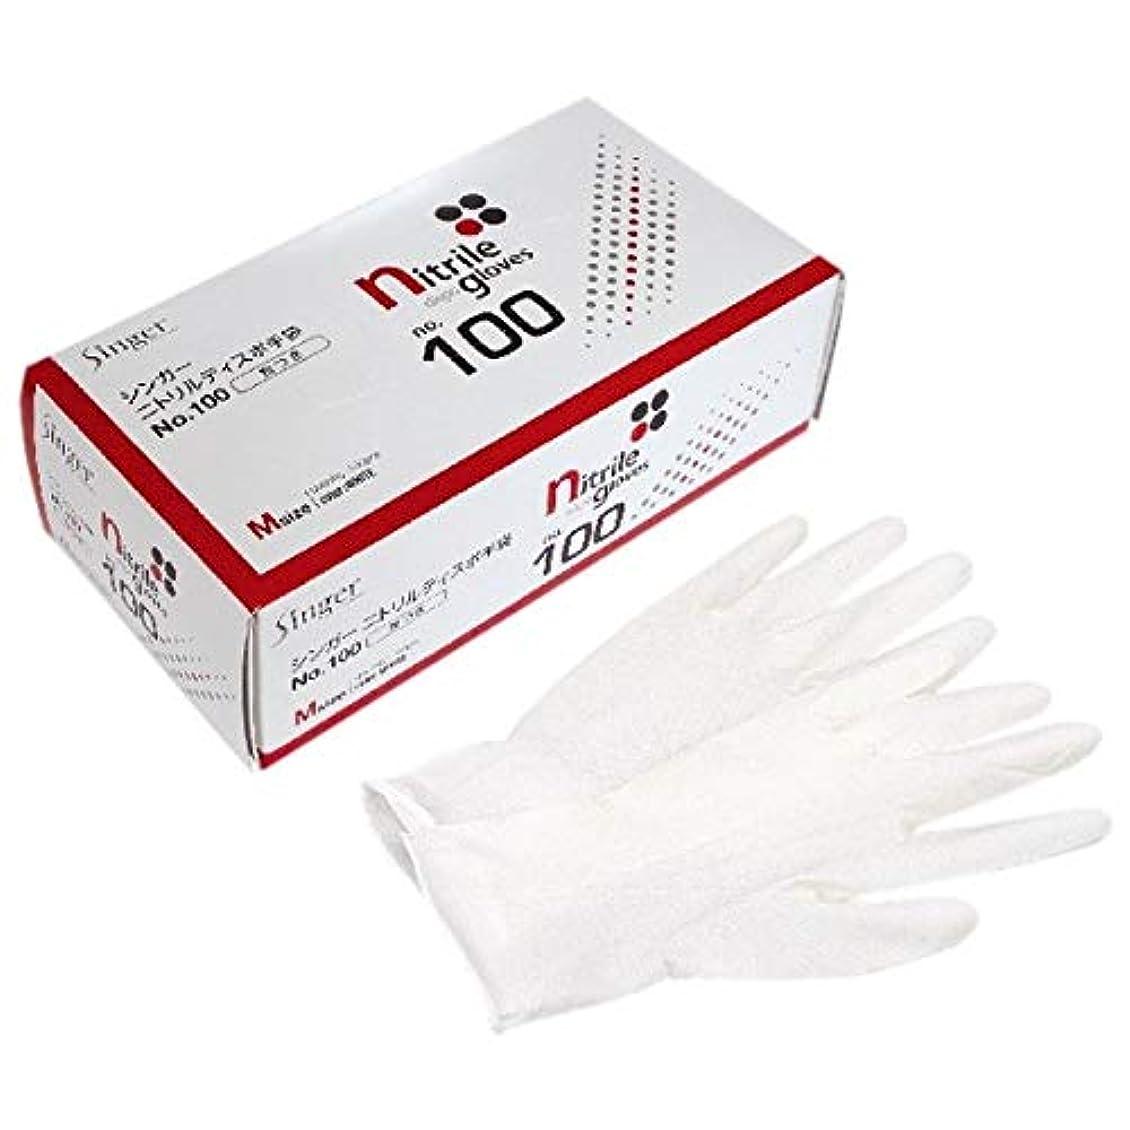 トロリーバスオーバーラン縫うシンガーニトリルディスポ手袋 No.100 白 粉付 LLサイズ 100枚